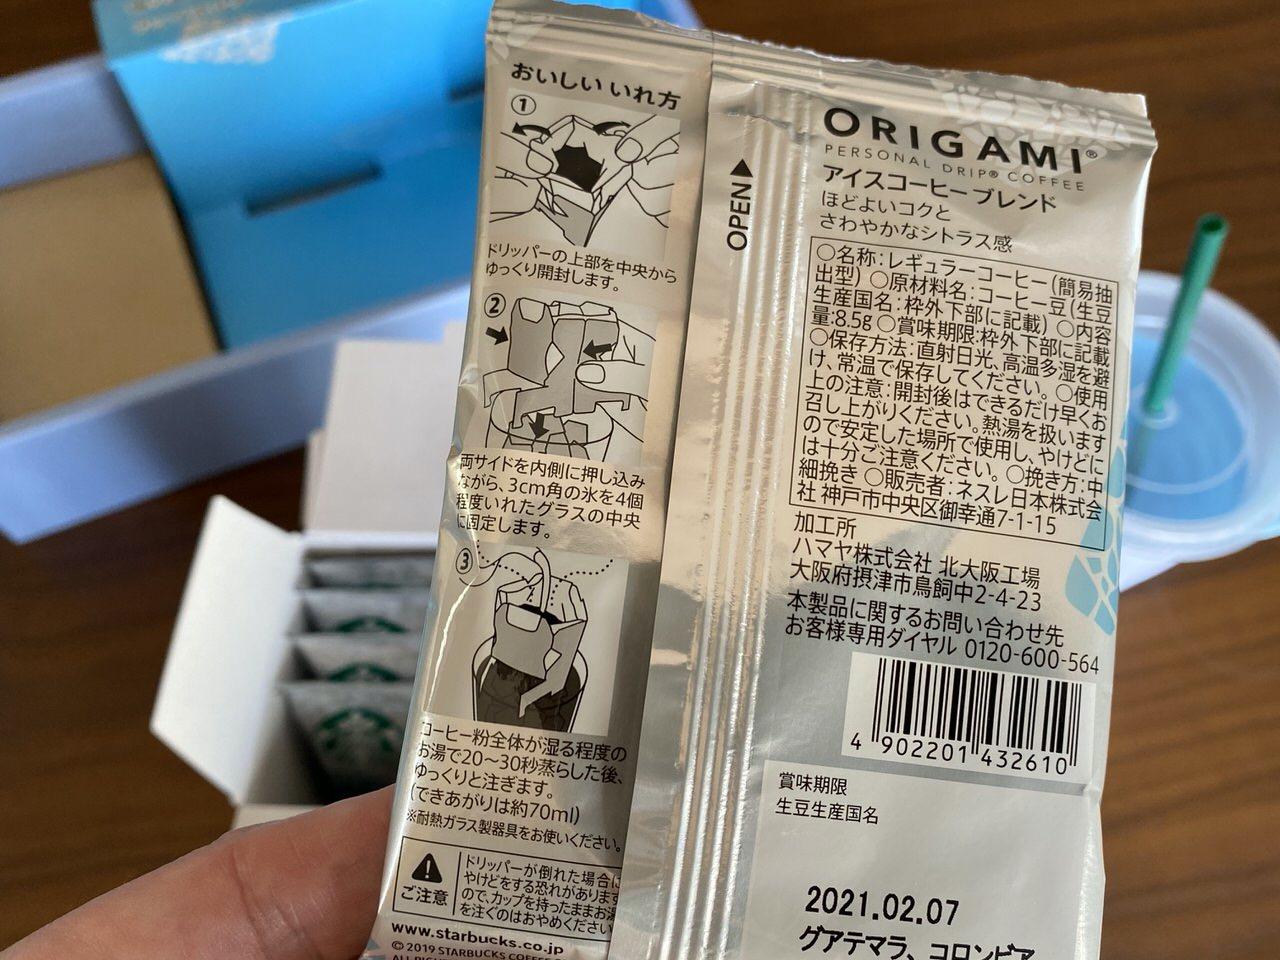 【スターバックス】「スターバックス サマー チアー ギフト」 9